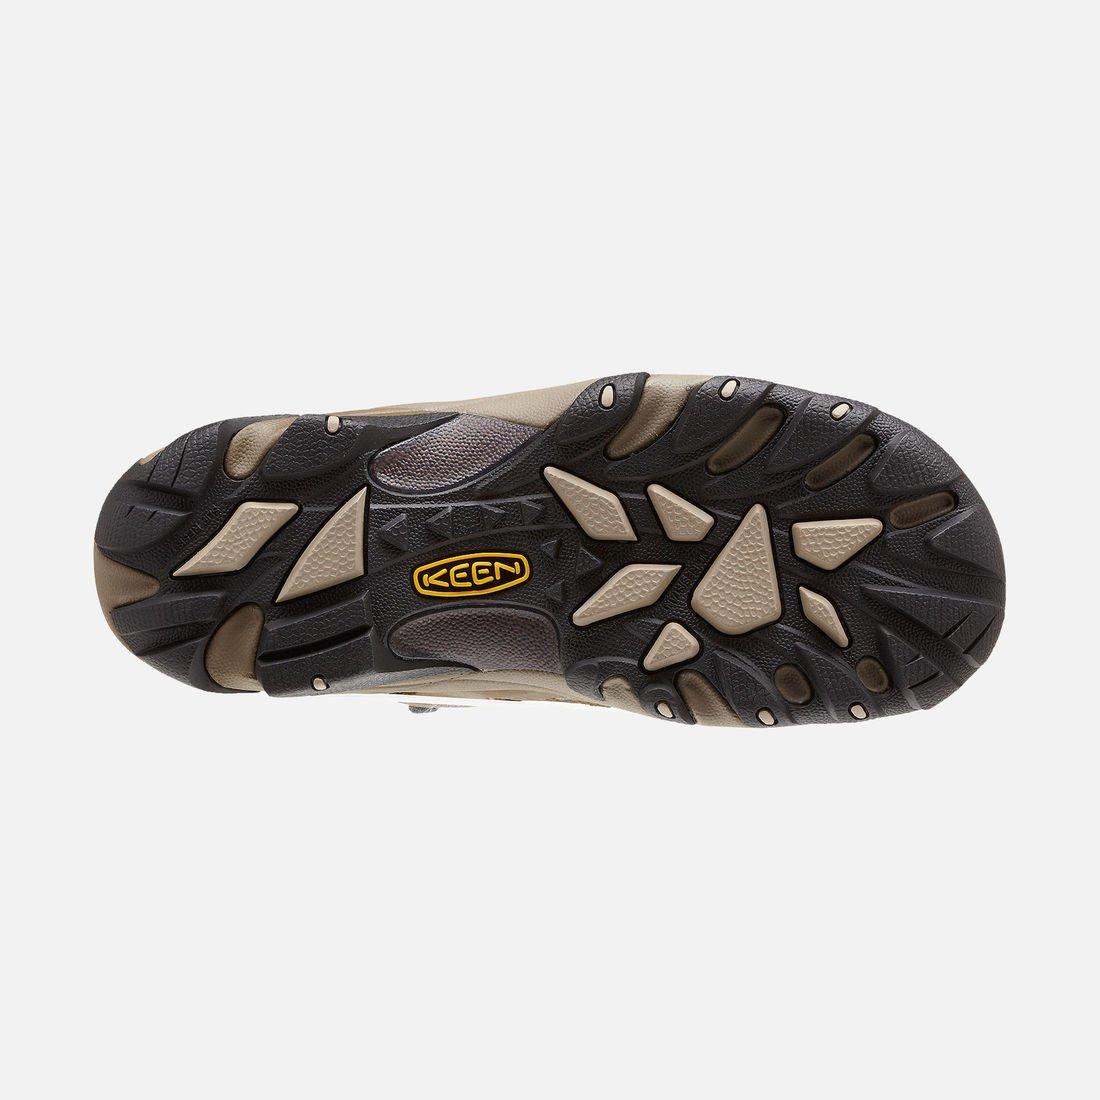 3acc5f59007 1009050 KEEN Women's CSA Oshawa Mid WP Boots